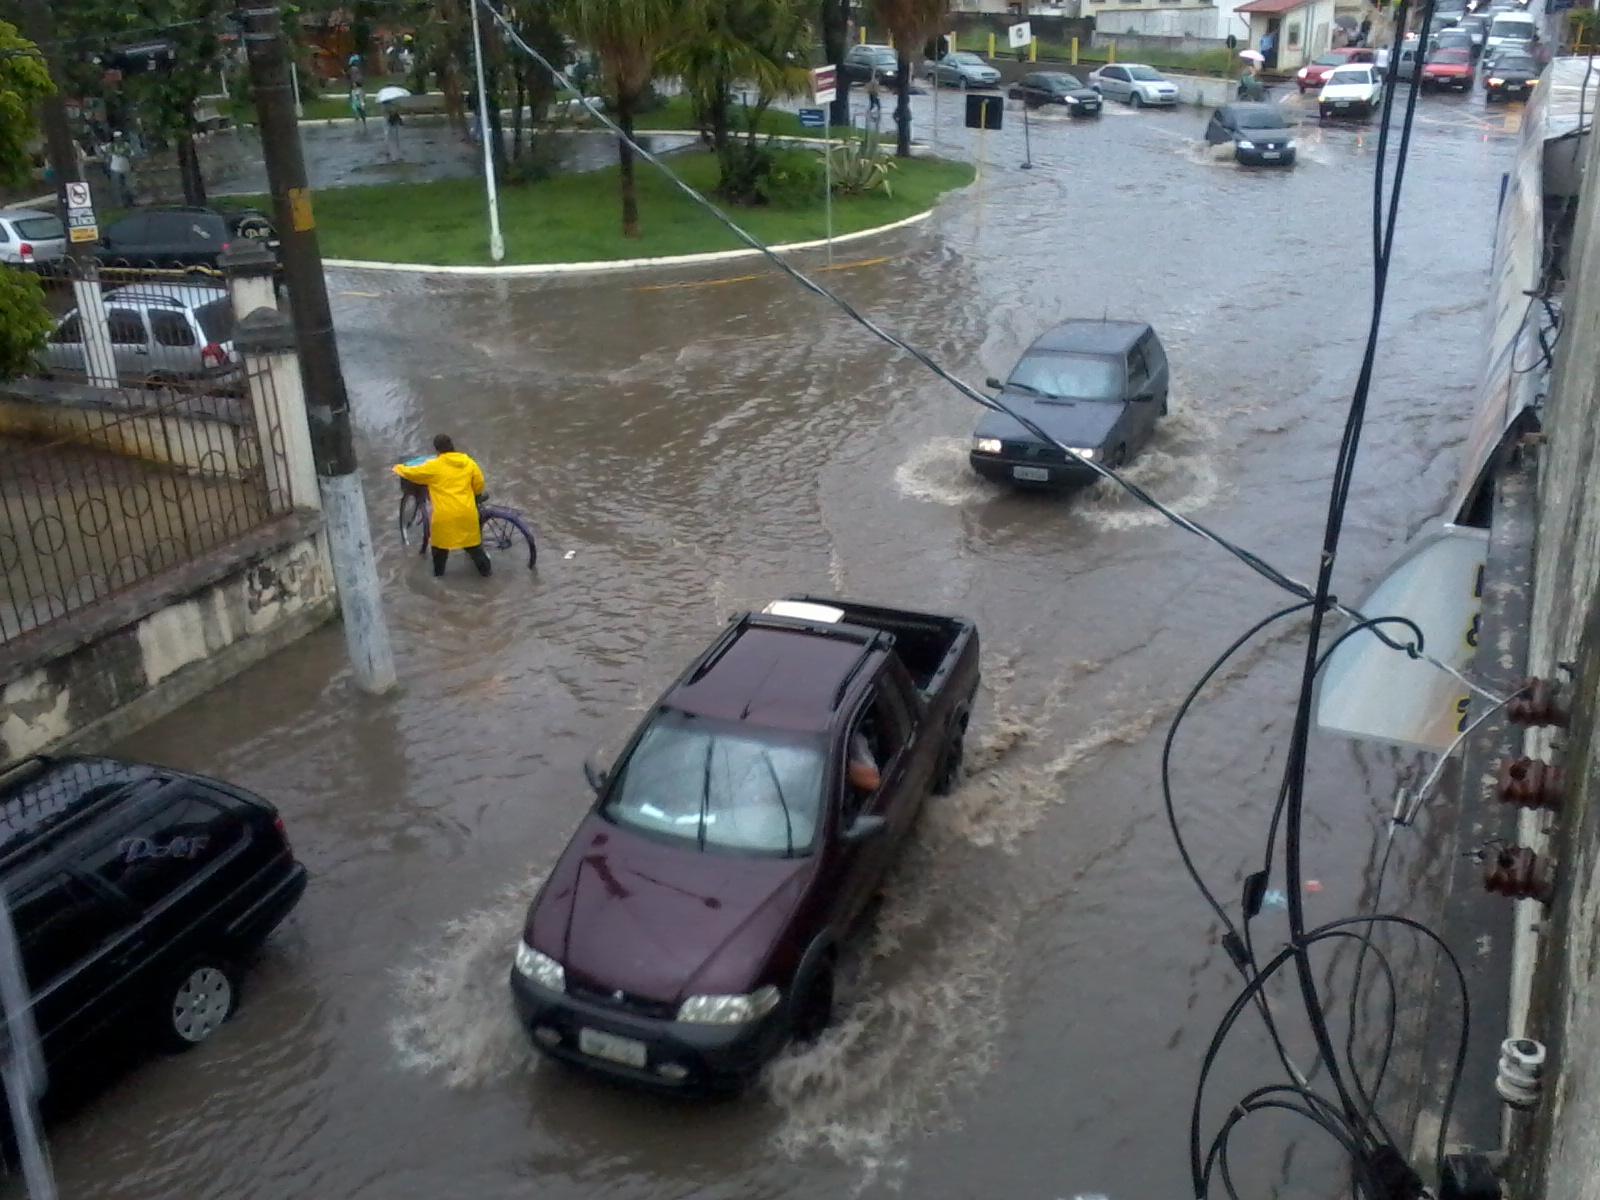 Carros enfrentam pontos de alagamentos no Centro de Lorena; Prefeitura vai investir em obras para evitar novas inundações como as da última terça-feira (Foto: Arquivo Atos)